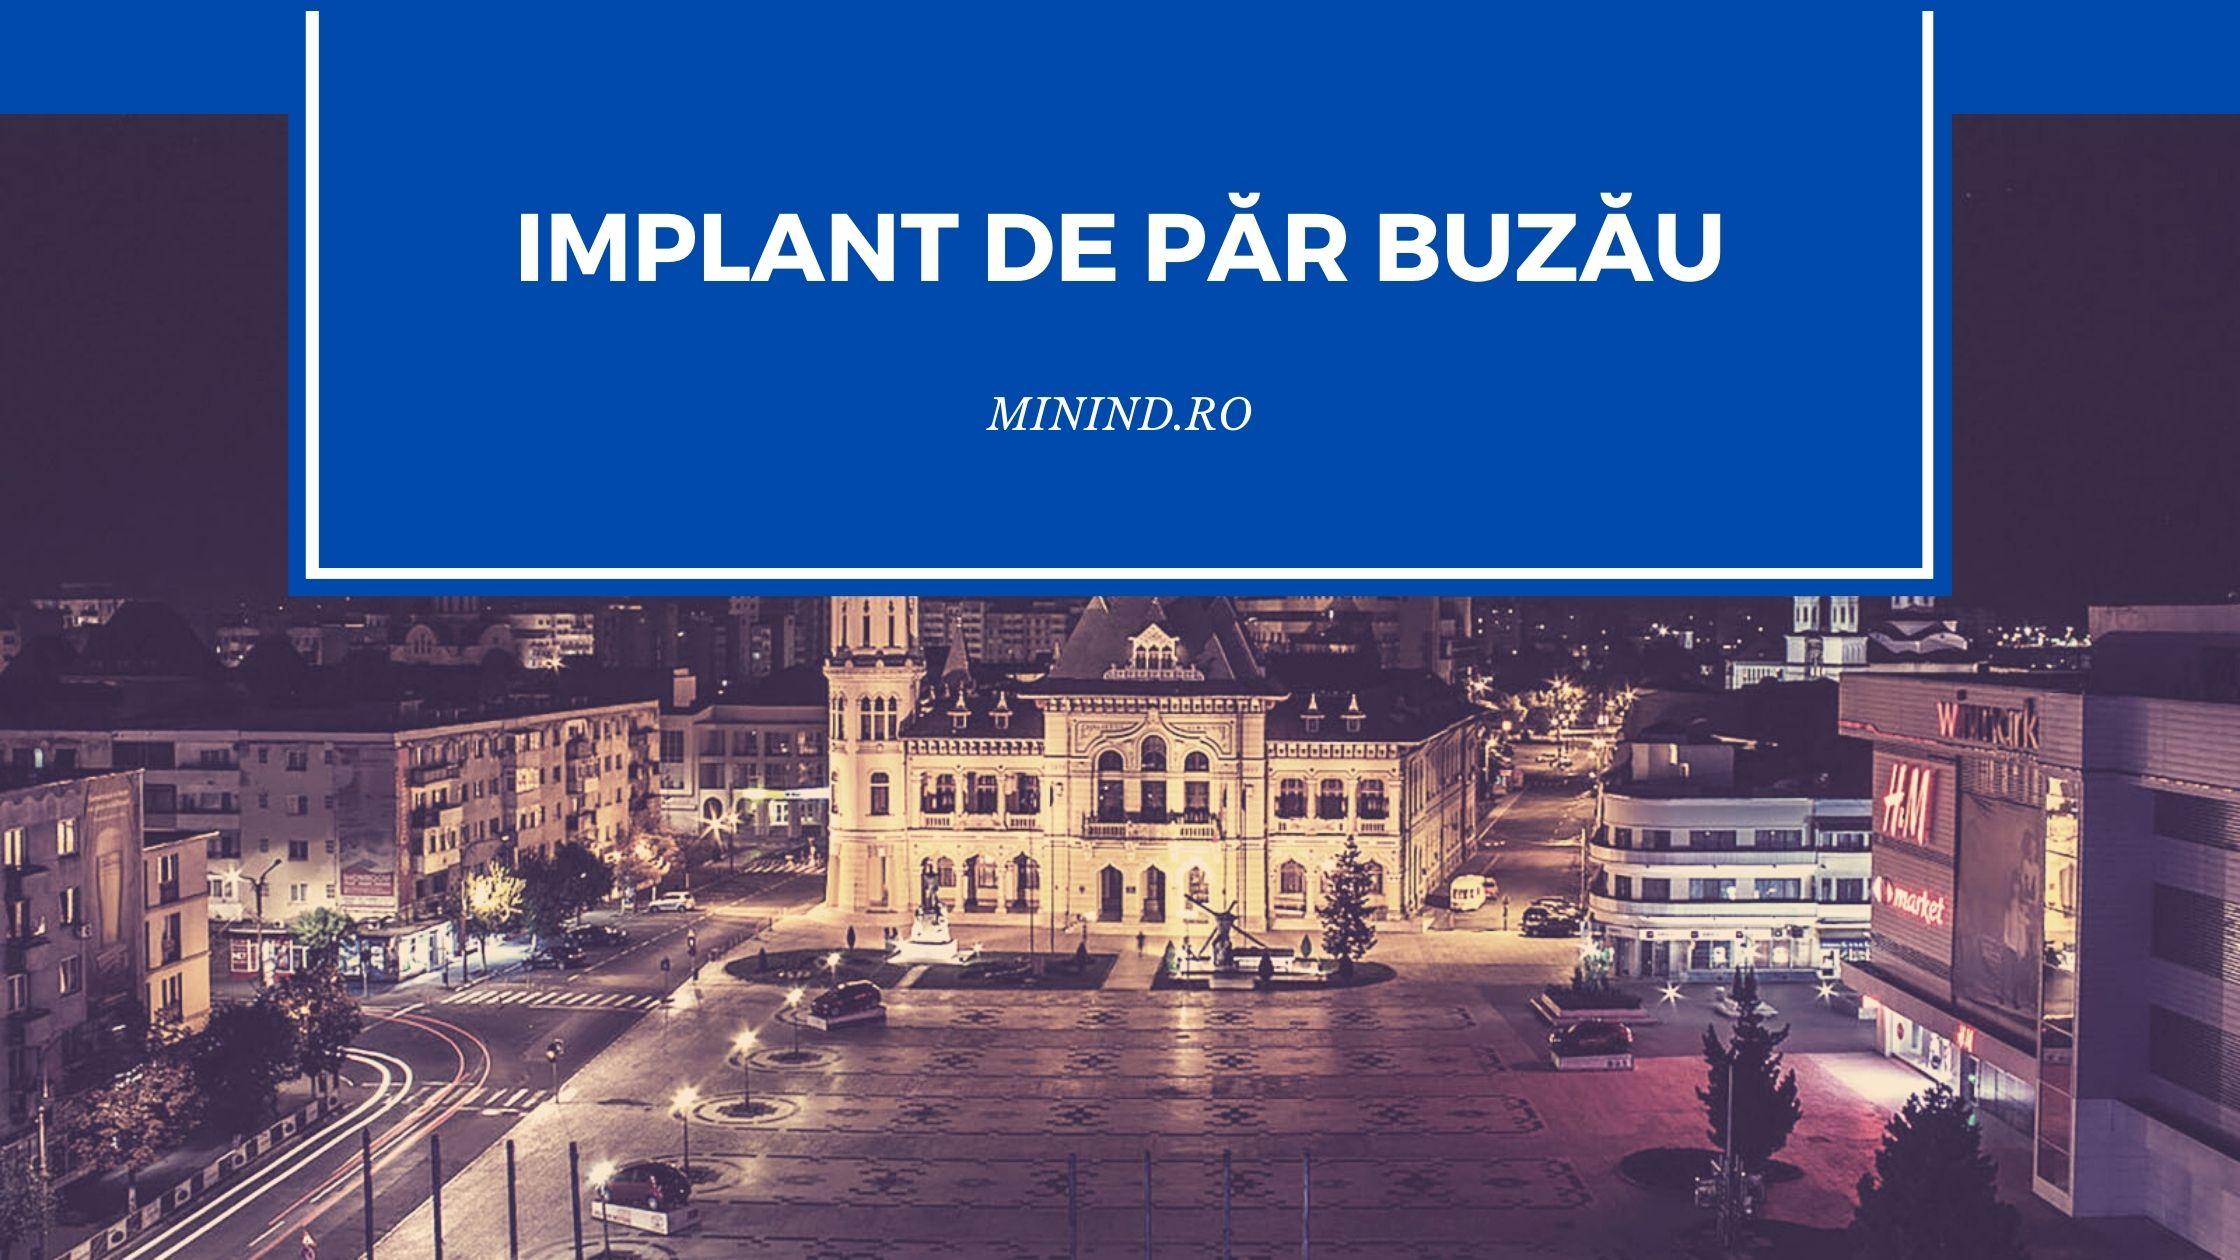 implant de par buzau